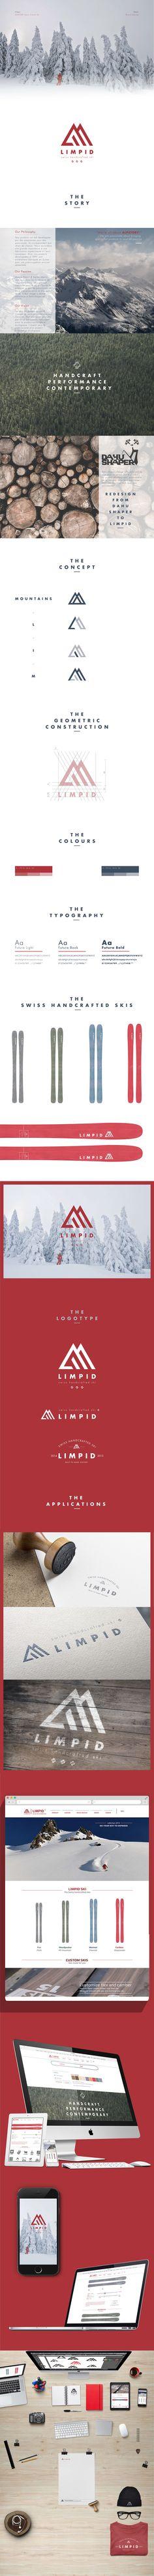 LIMPID Skis on Brand